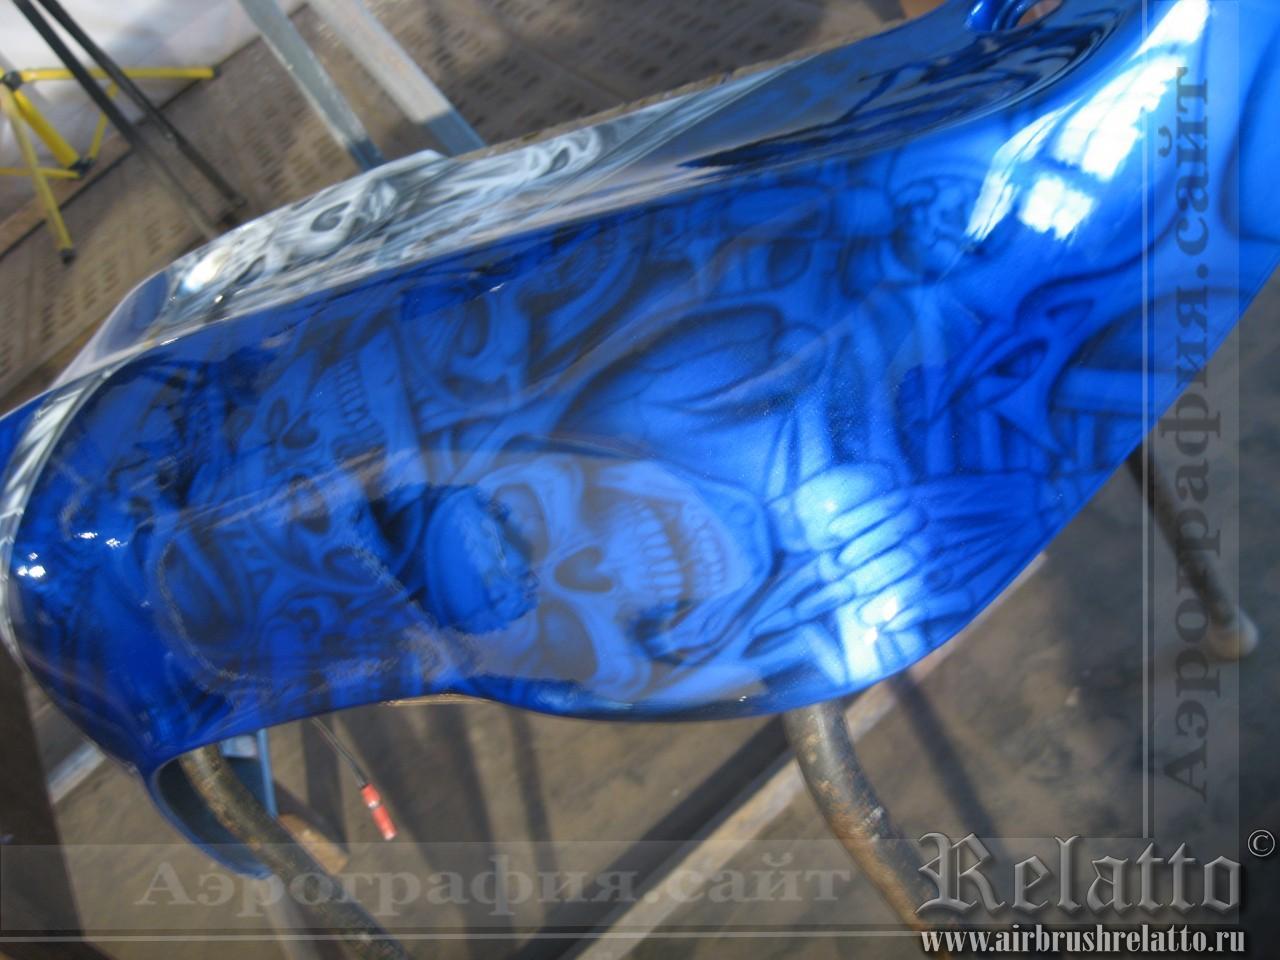 Yamaha Venture восстановление  росписи мотоцикла